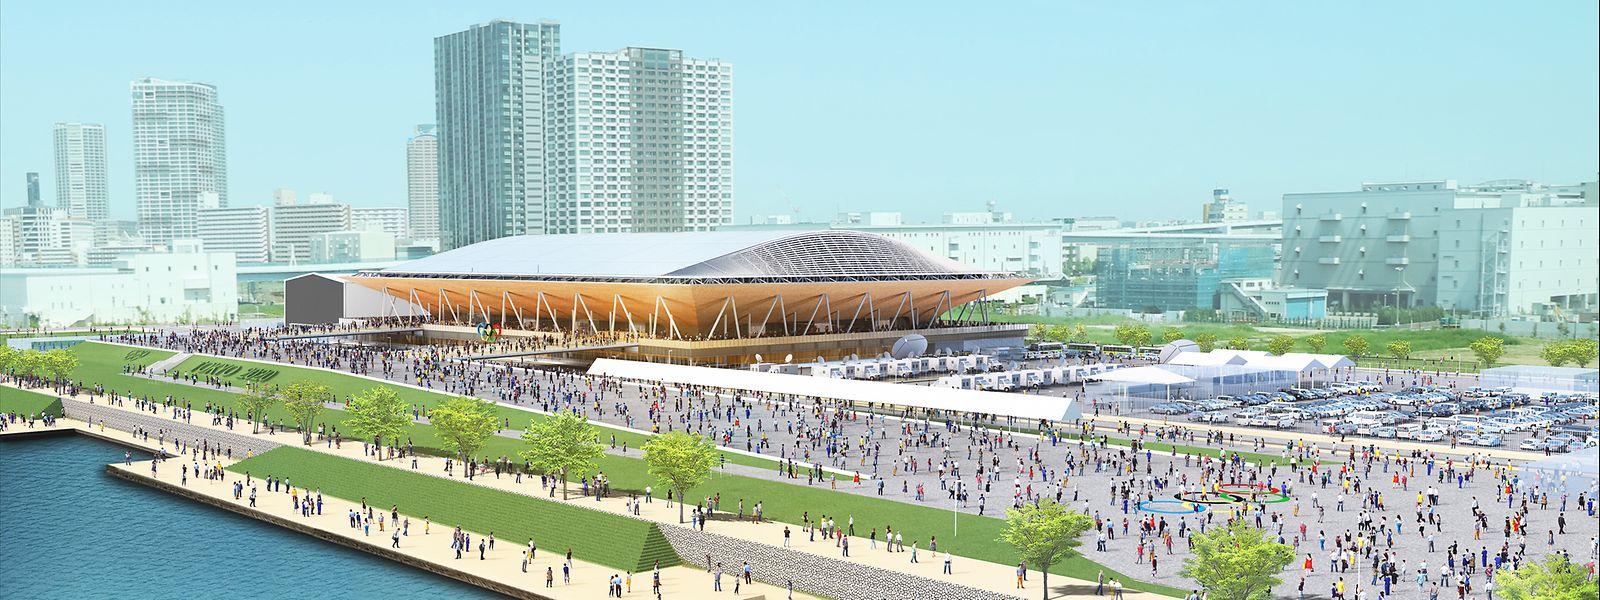 Aux lignes futuristes, l'Ariake Gymnastics Centre, situé en plein Tokyo, utilise 2.300 mètres cubes de bois